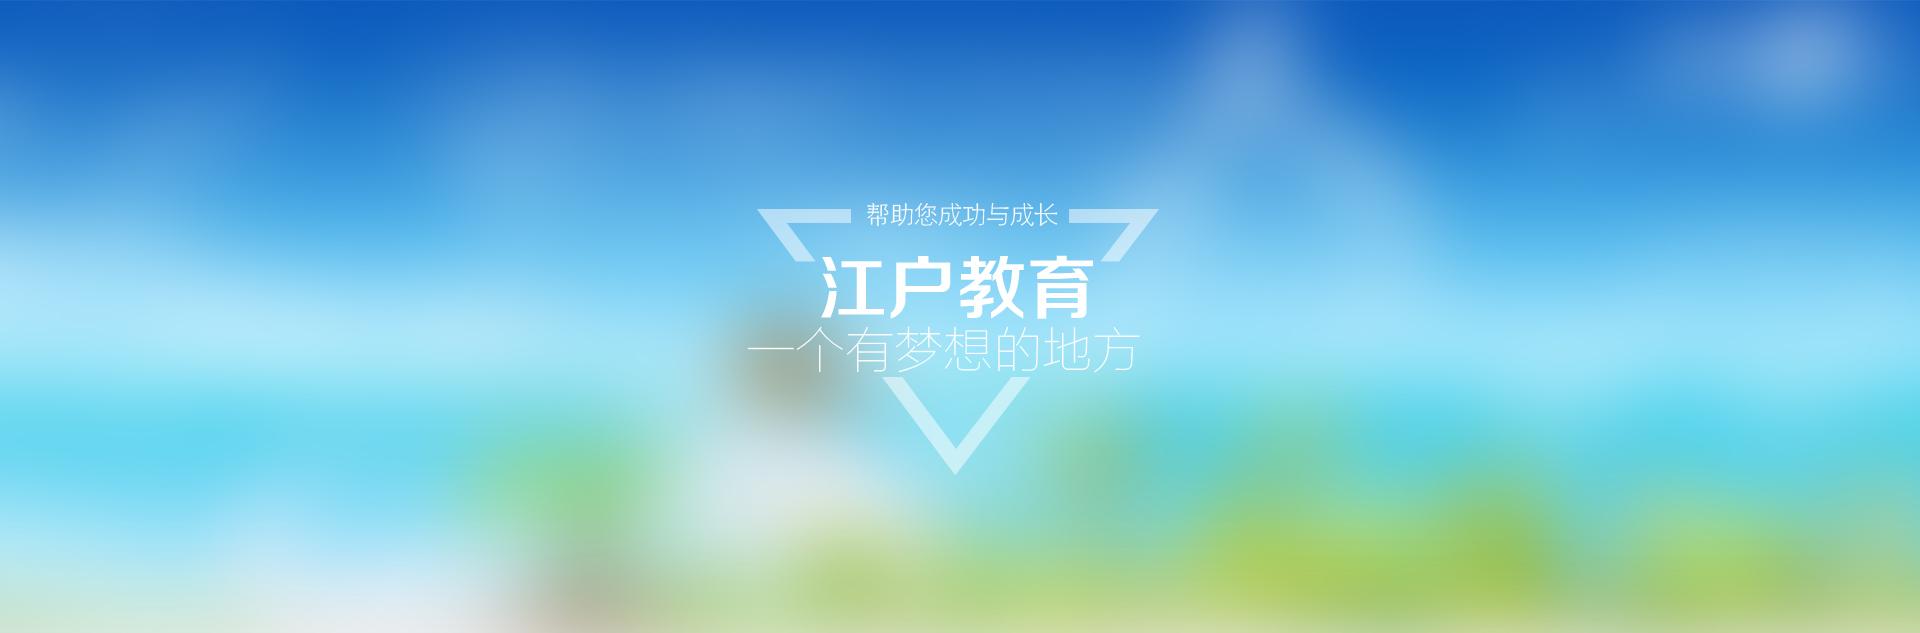 广州江户教育科技有限公司